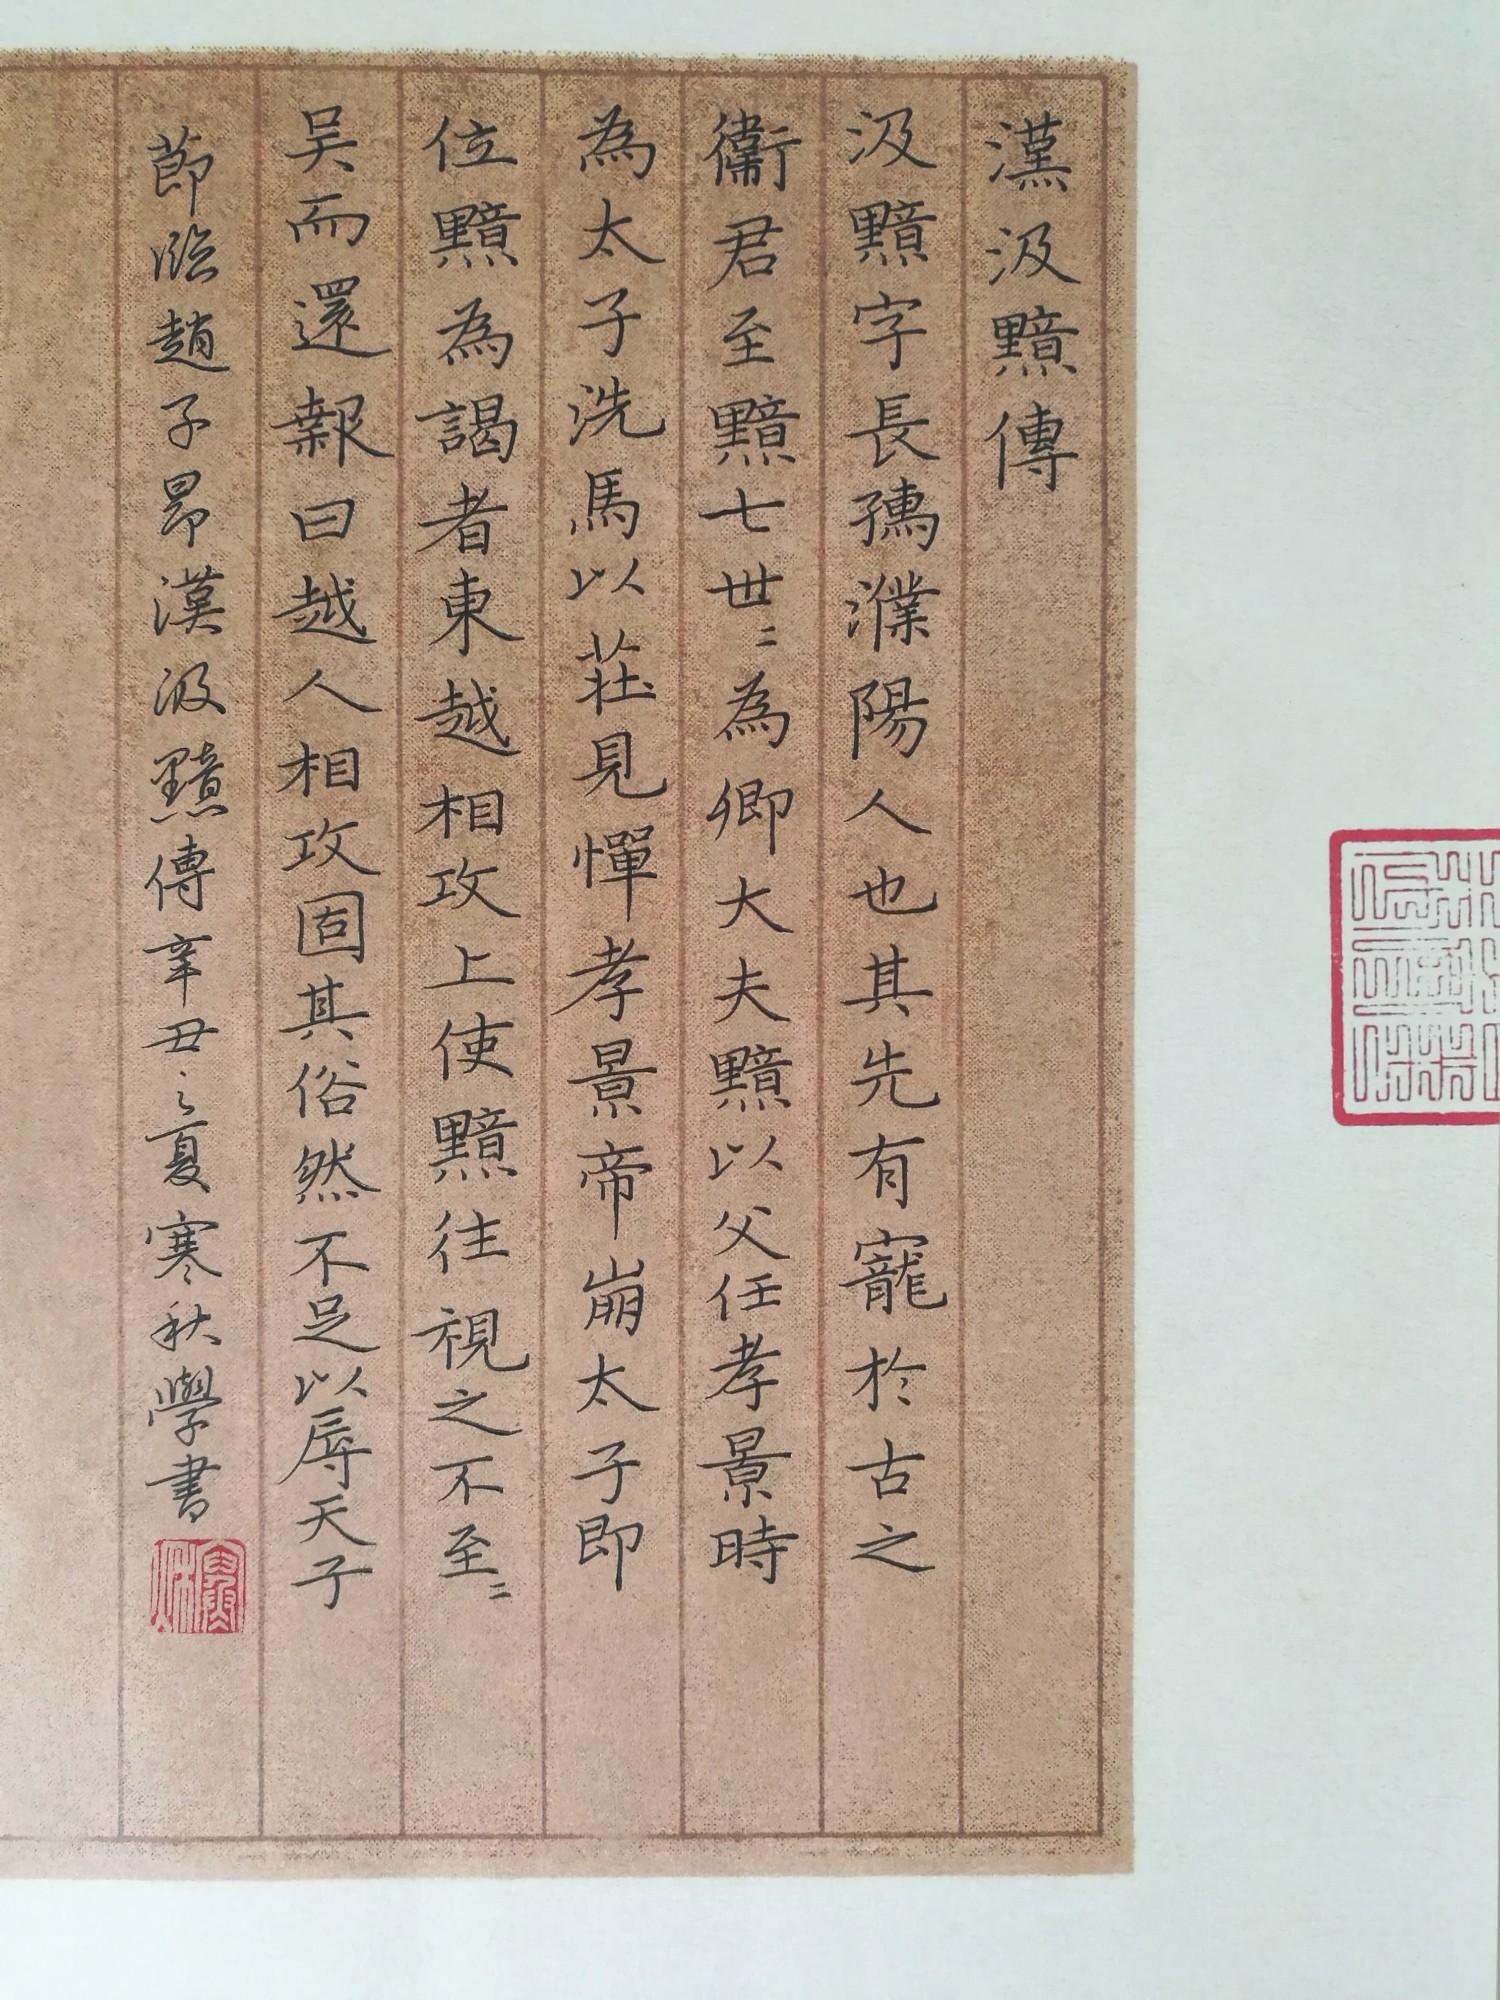 钢笔书法练字打卡20210615-09